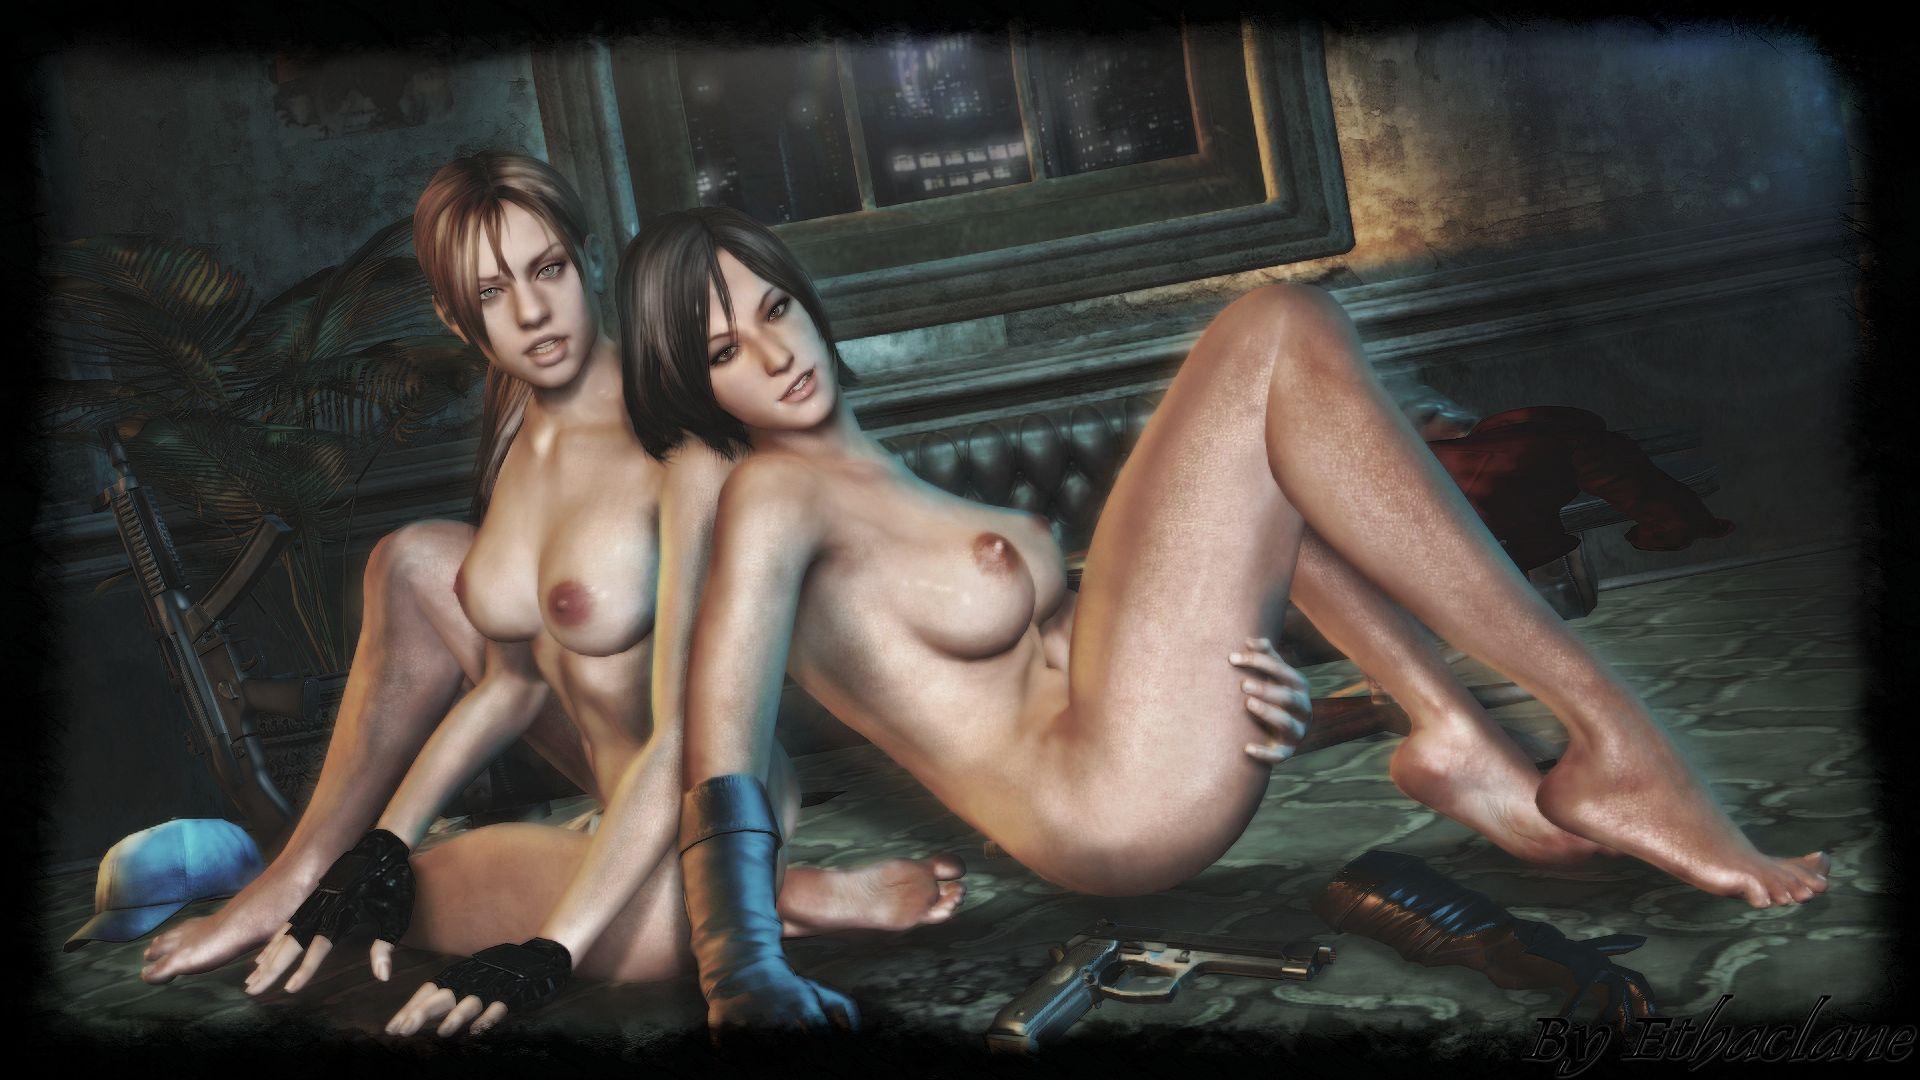 Nude evil art exposed image